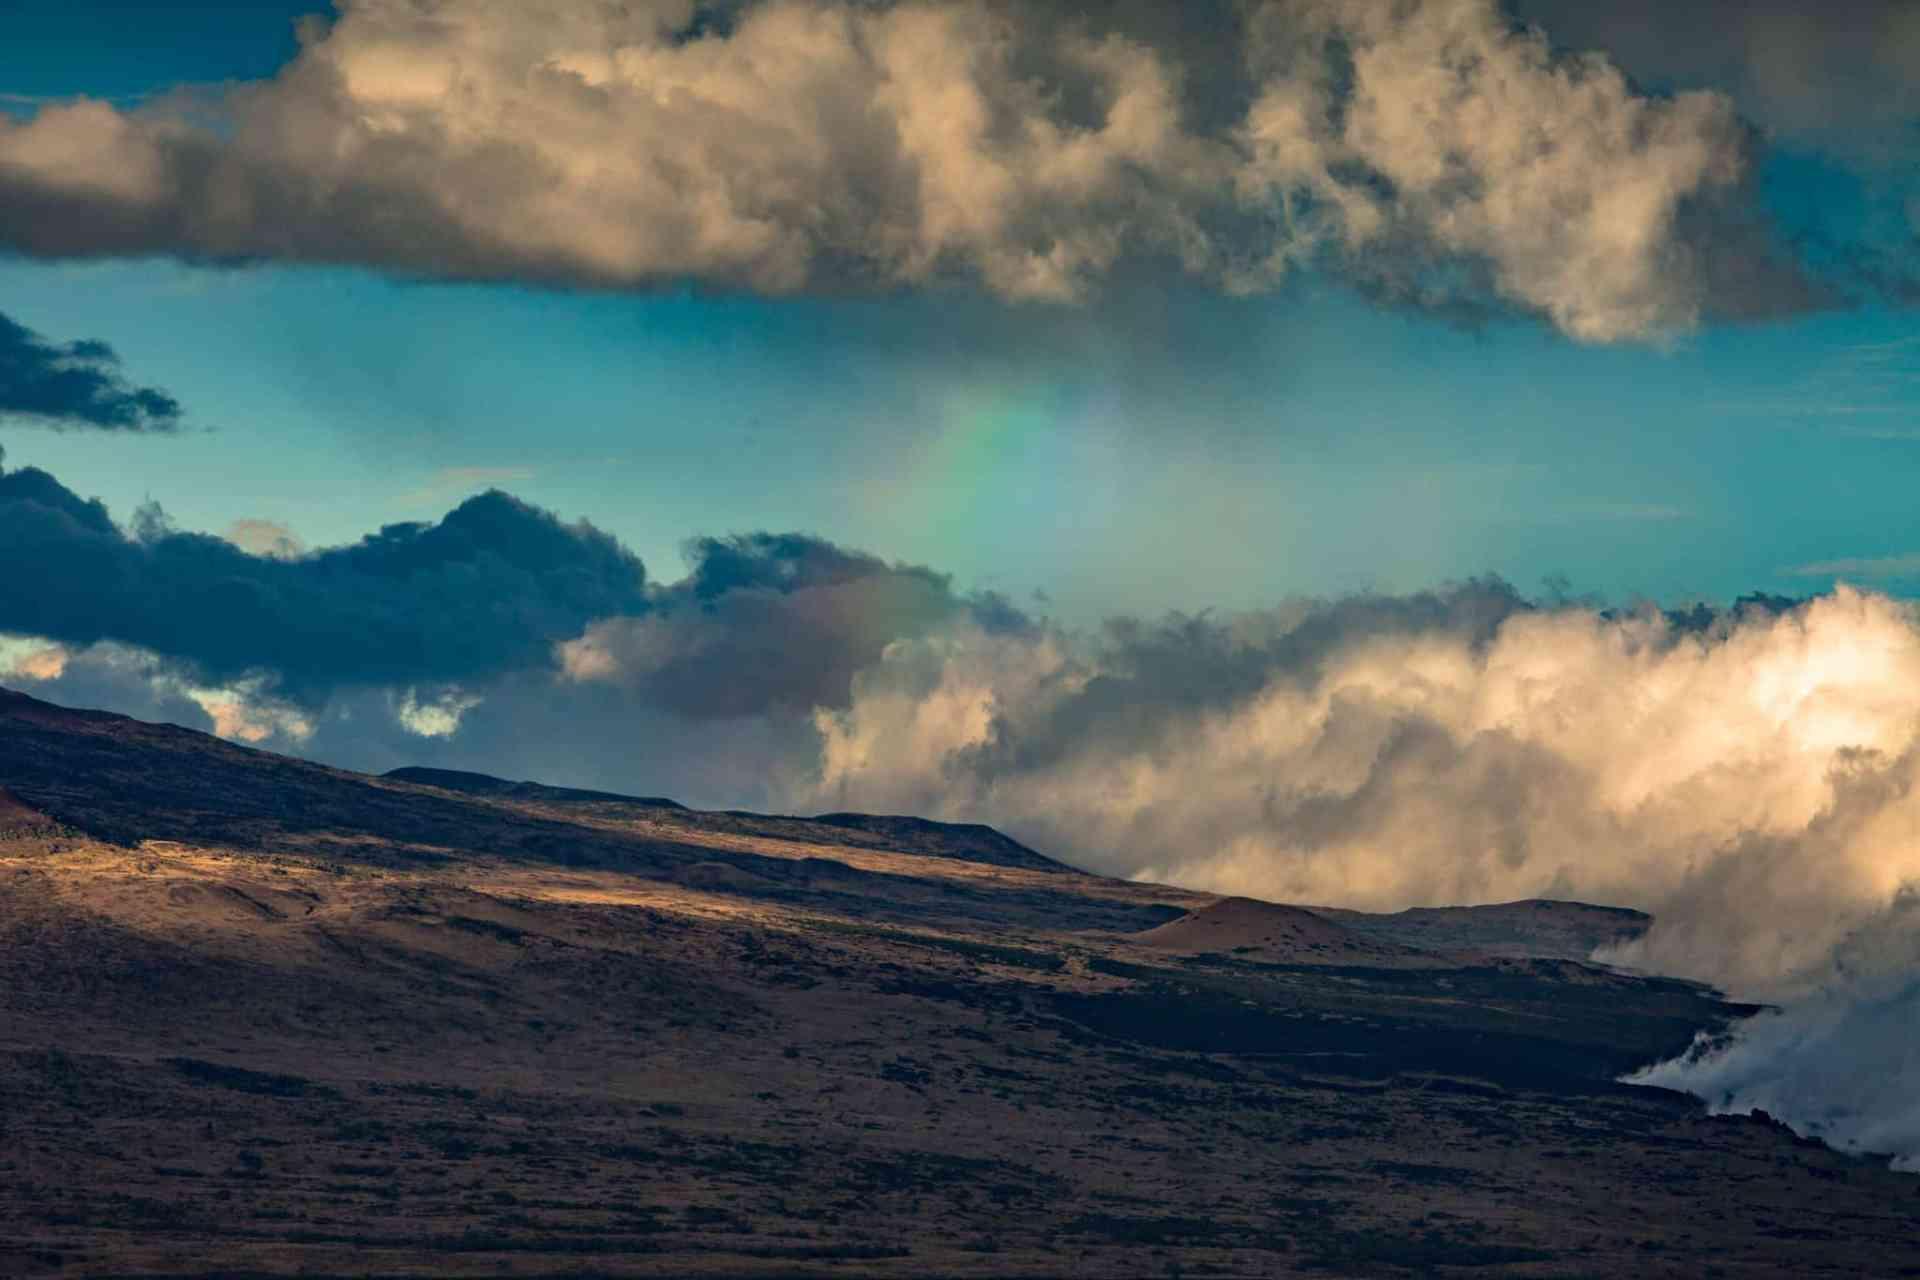 Winter in Hawaii Volcanoes National Park